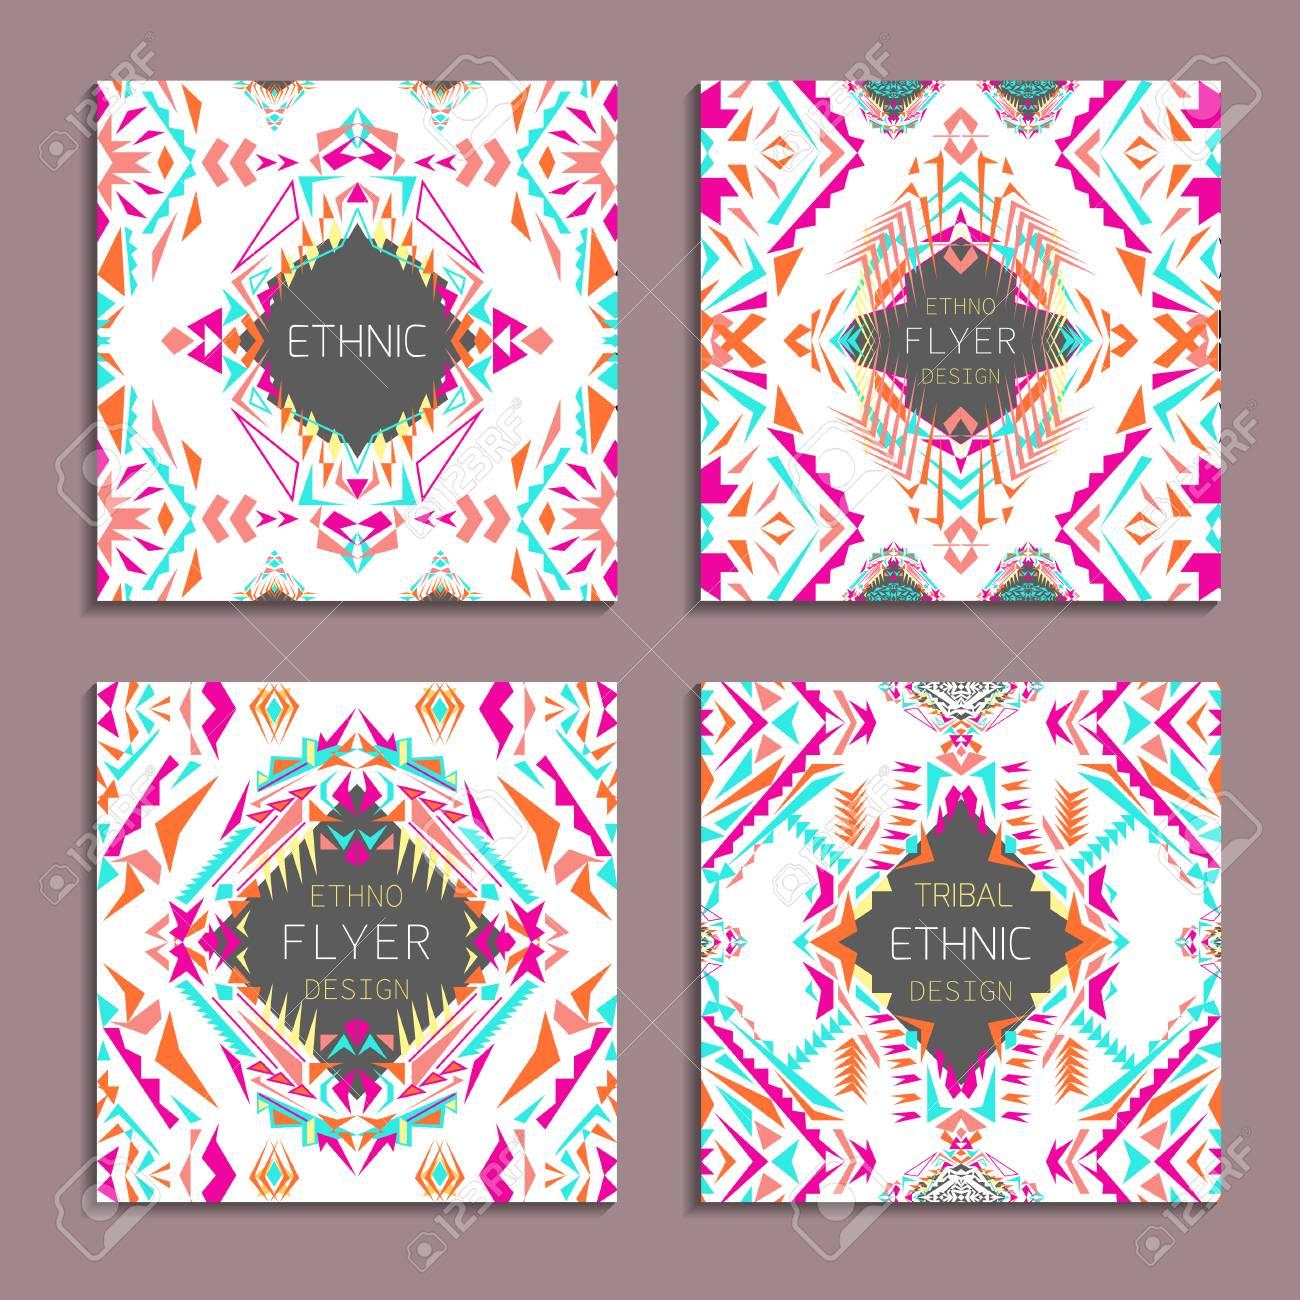 ... Vektorsatz Geometrische Bunte Hintergründe. Kartenvorlagen Für Business  Und Einladung. Ethnisch, Tribal, Aztekischer Stil. Modernes Ethno Ikat  Muster